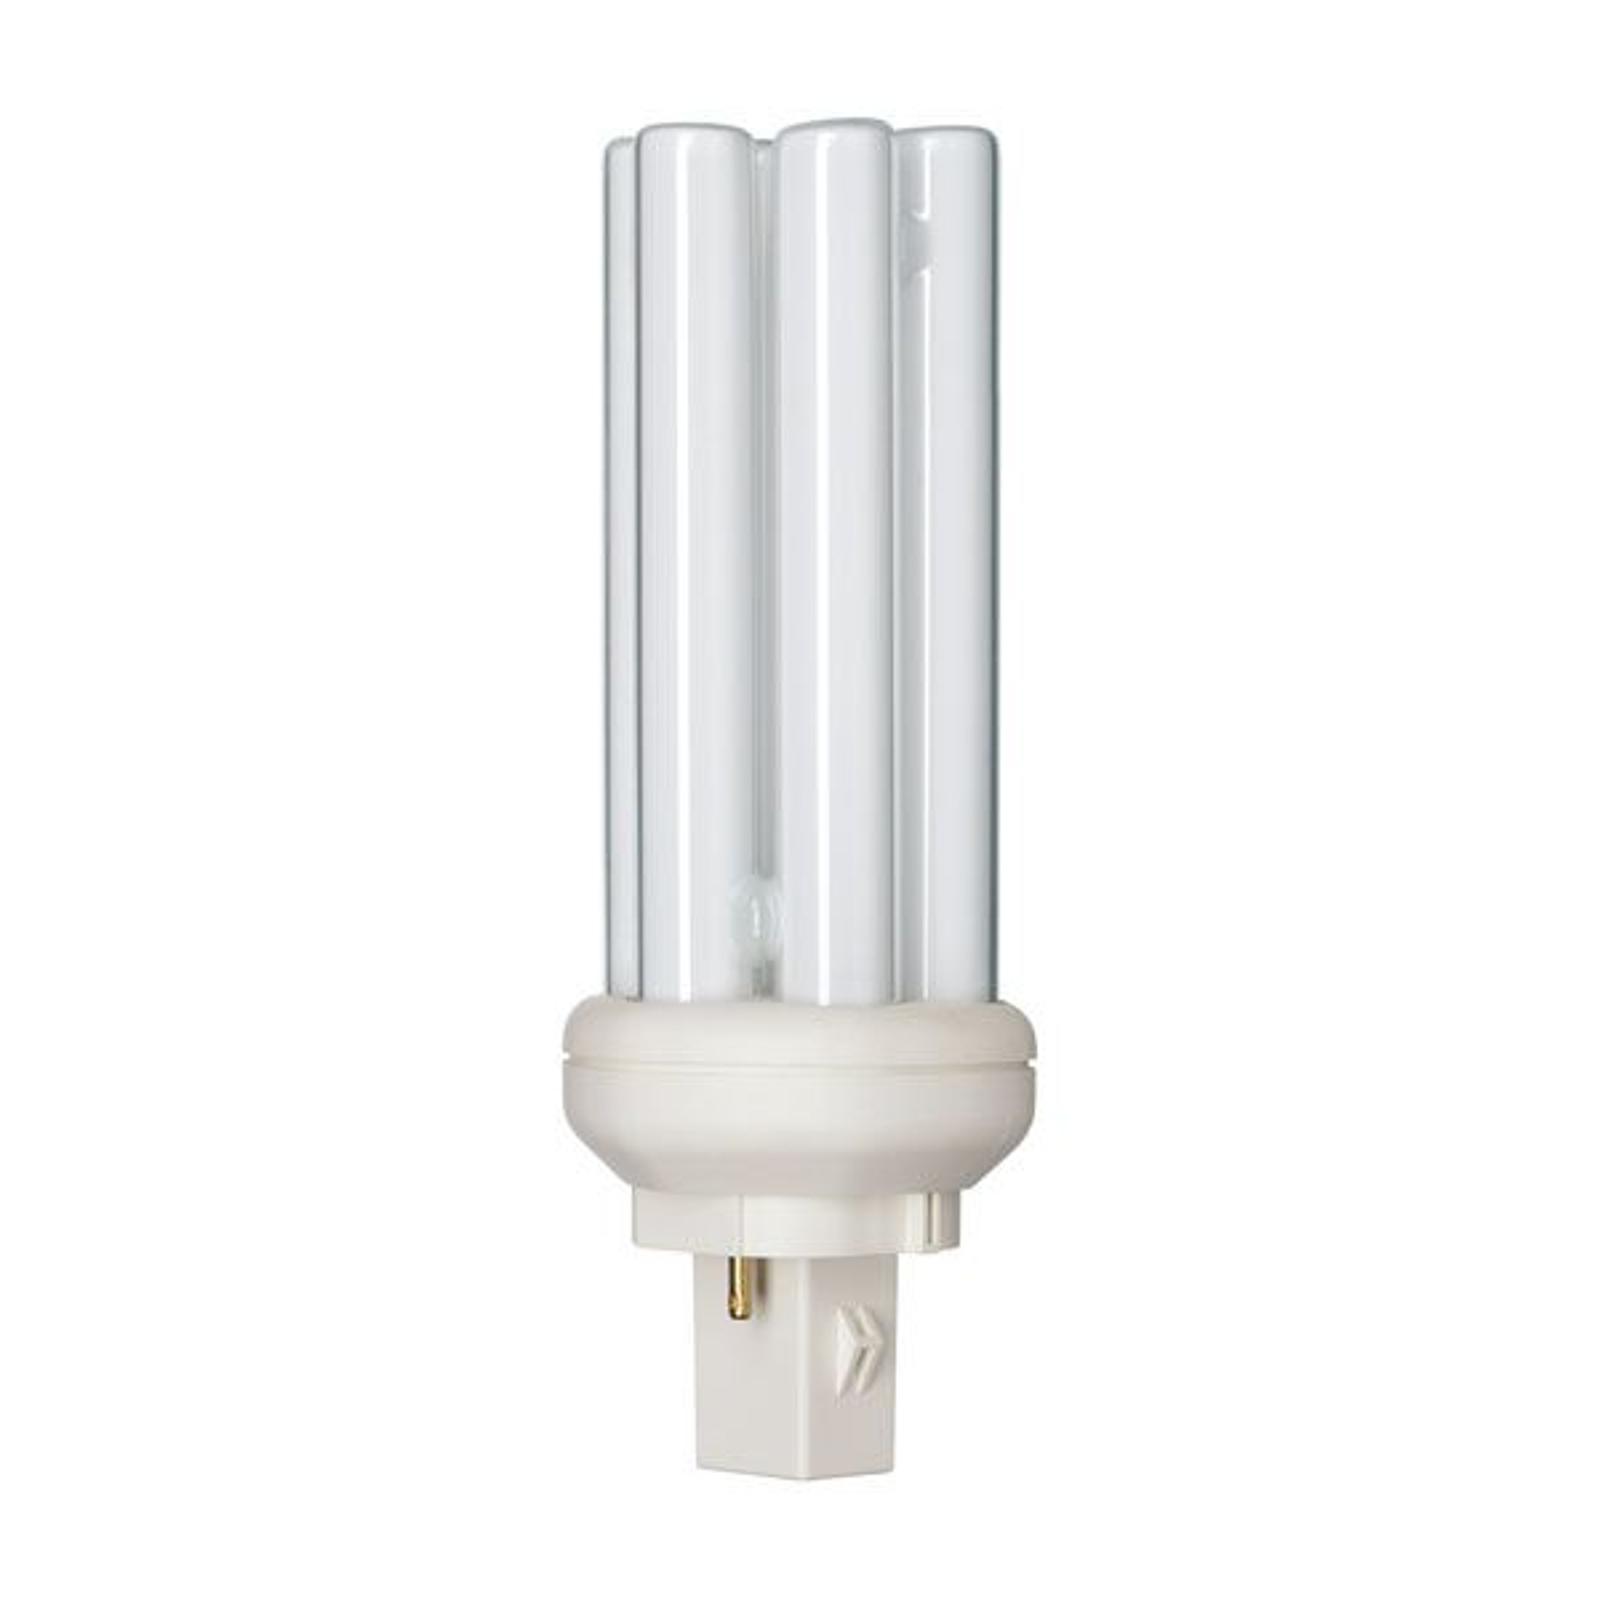 Ampoule fluocompacte GX24d Master 18W PL-T 840